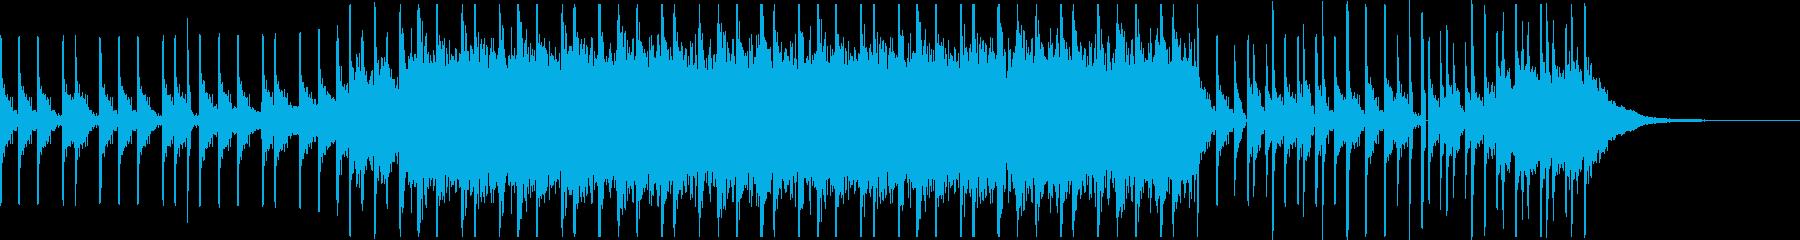 ドリブルとスキール音(バッシュ)とシンセの再生済みの波形